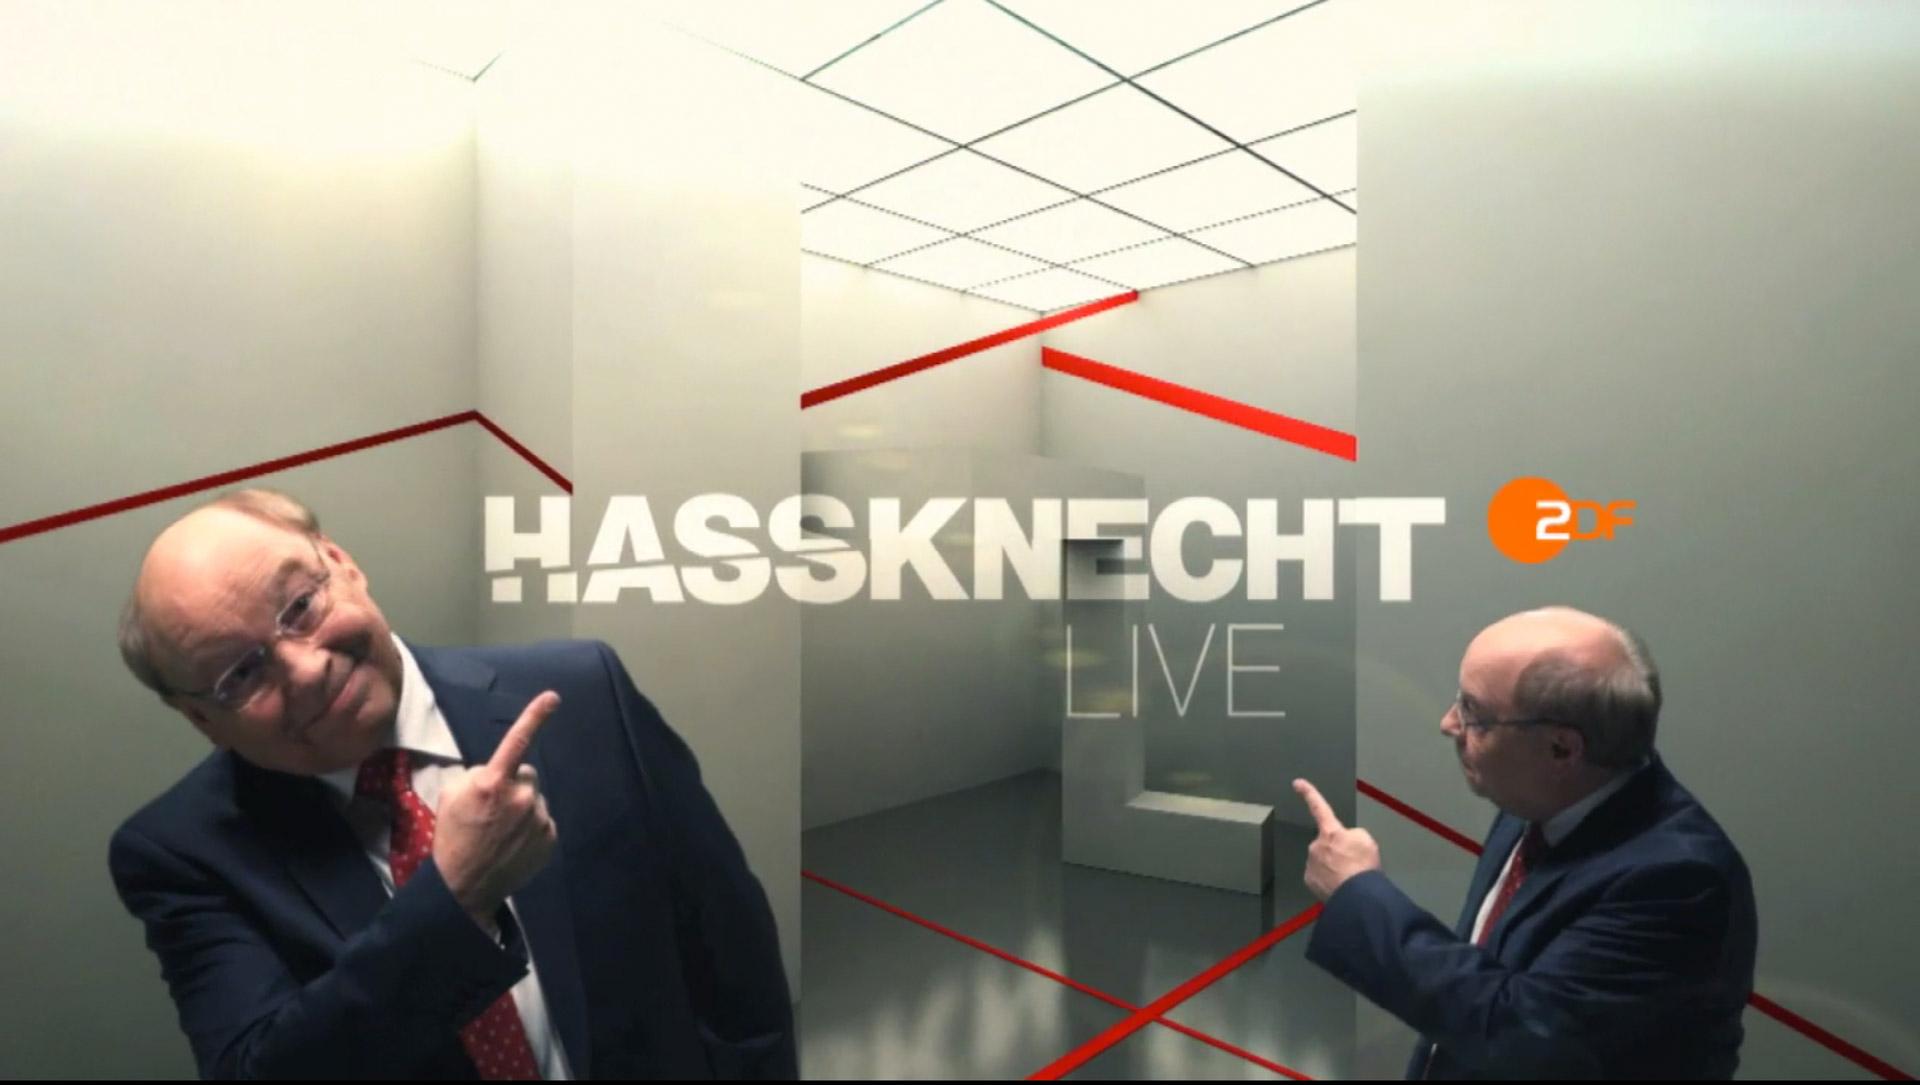 Hassknecht Fabian Koester Heute Show ZDF Oliver Welke Hassknecht Politik Satire Humor Live 3 sat